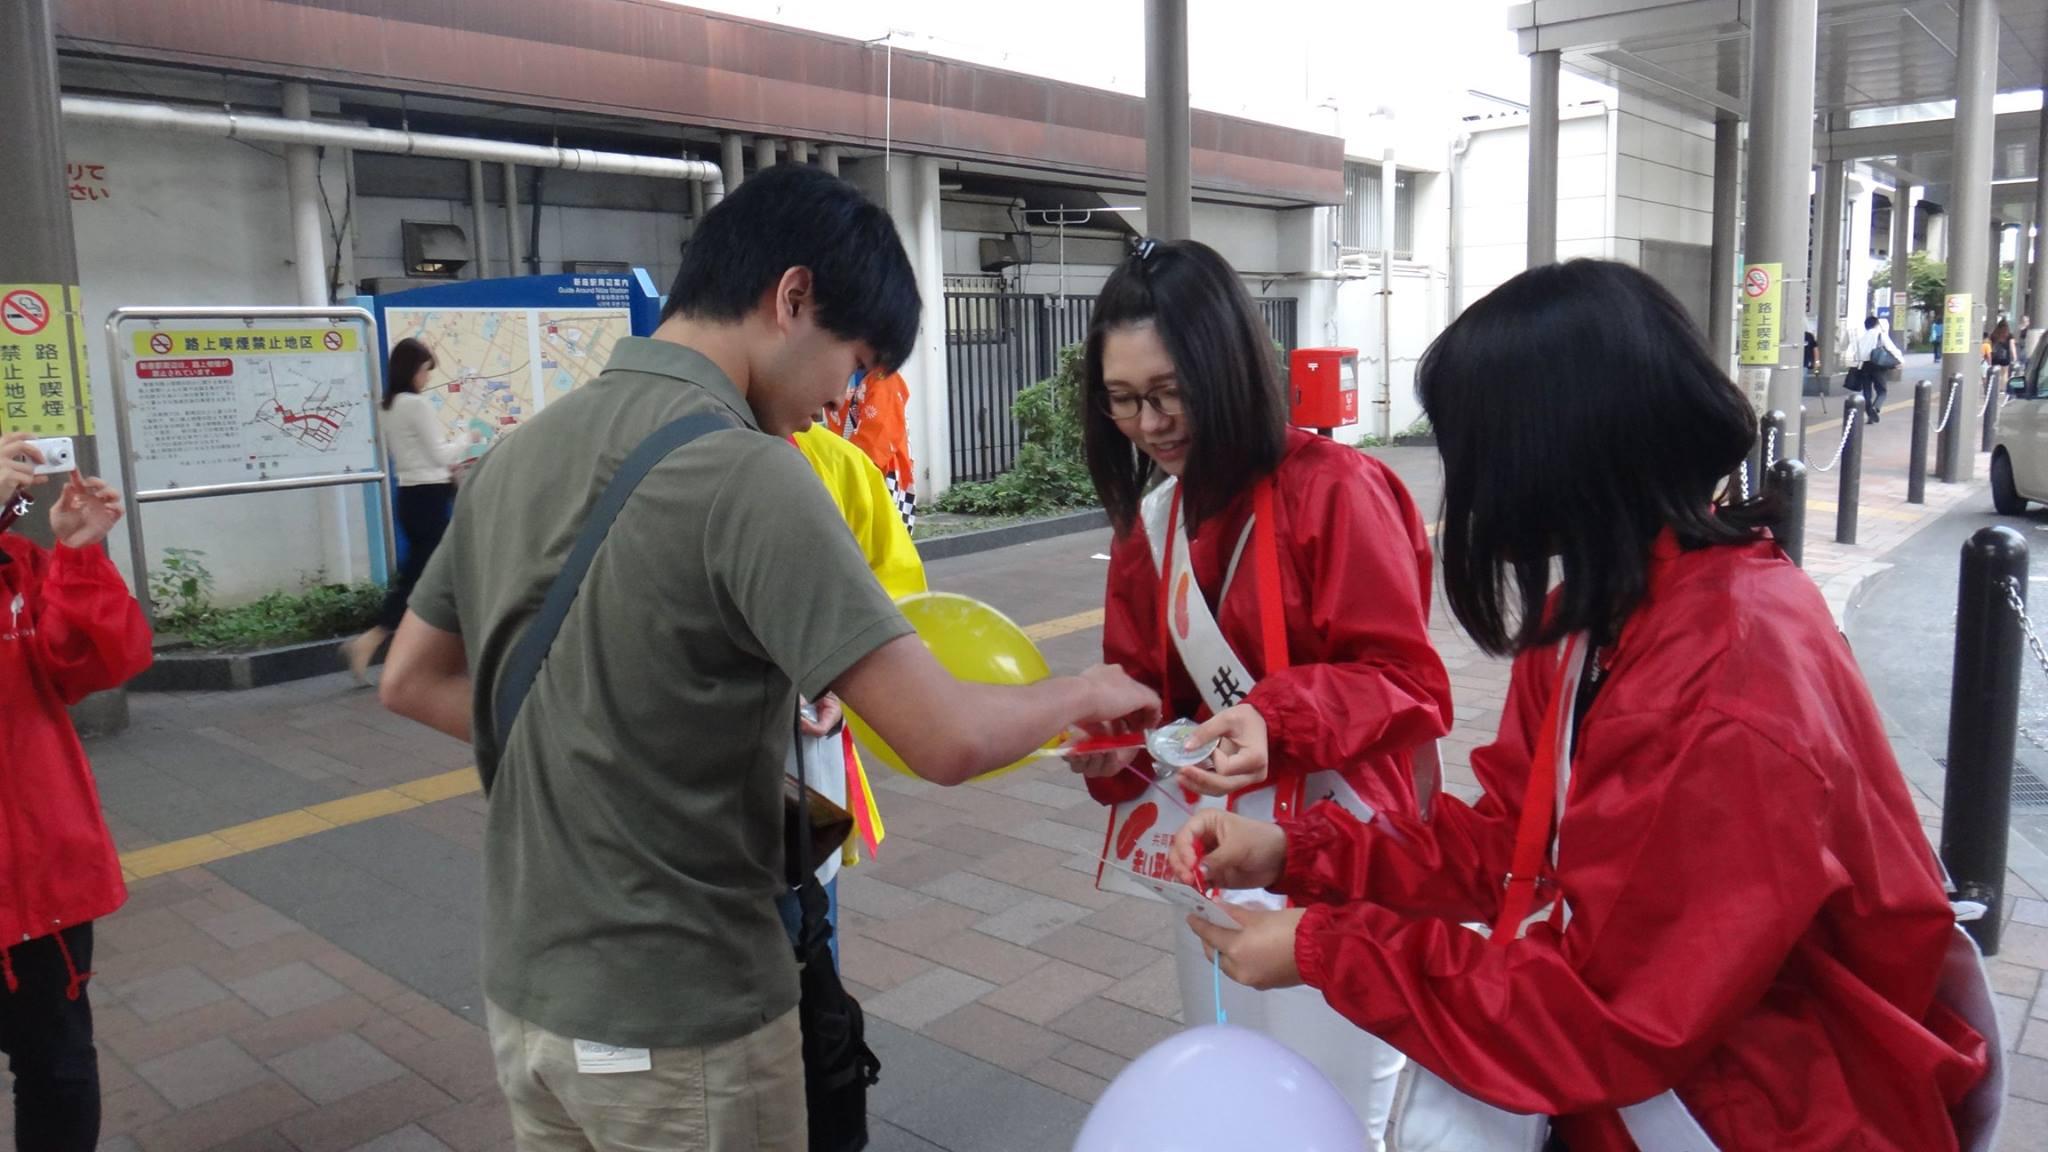 新座駅前で赤い羽根共同募金の呼びかけを実施